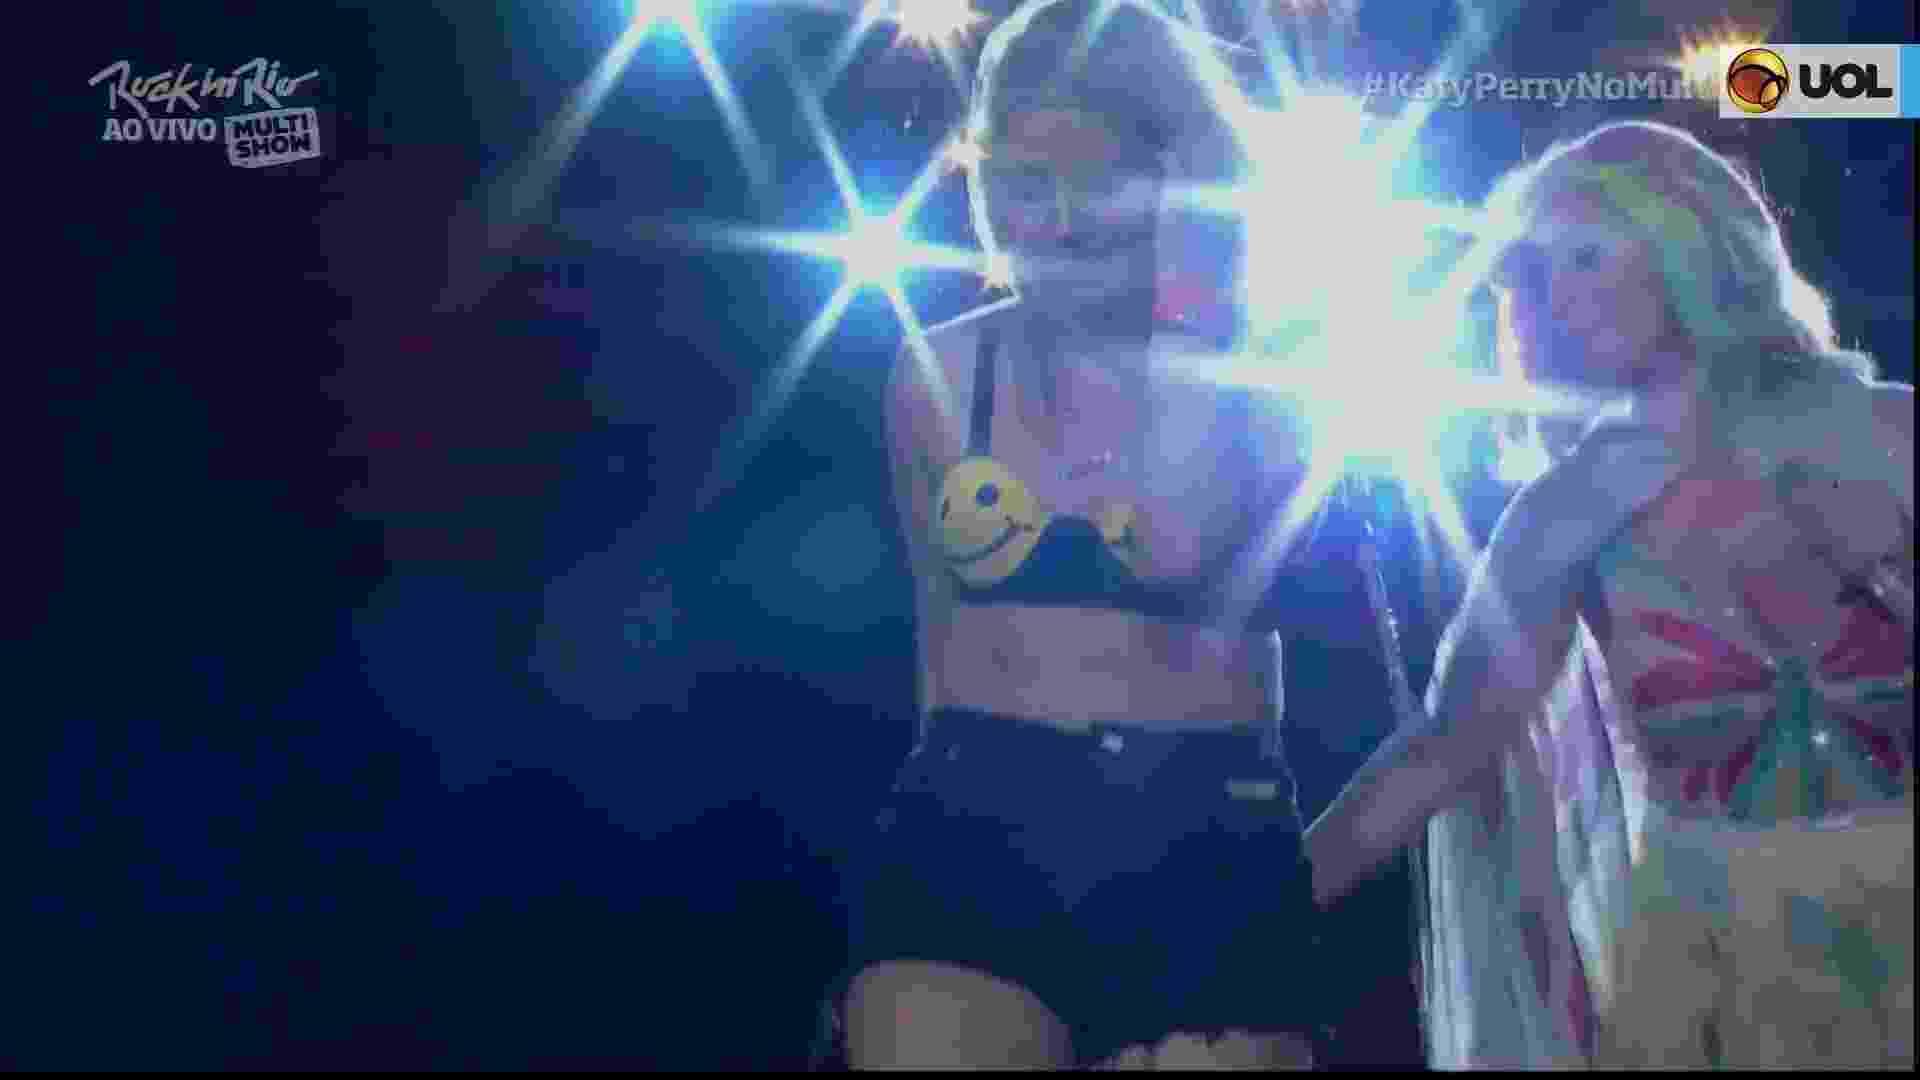 27.set.2015 - Katy Perry chamou uma fã para cima do palco a quem pediu que a ensinasse a falar palavras em português. A cantora ainda recebeu beijos e apertões da fã visivelmente emocionada - Reprodução